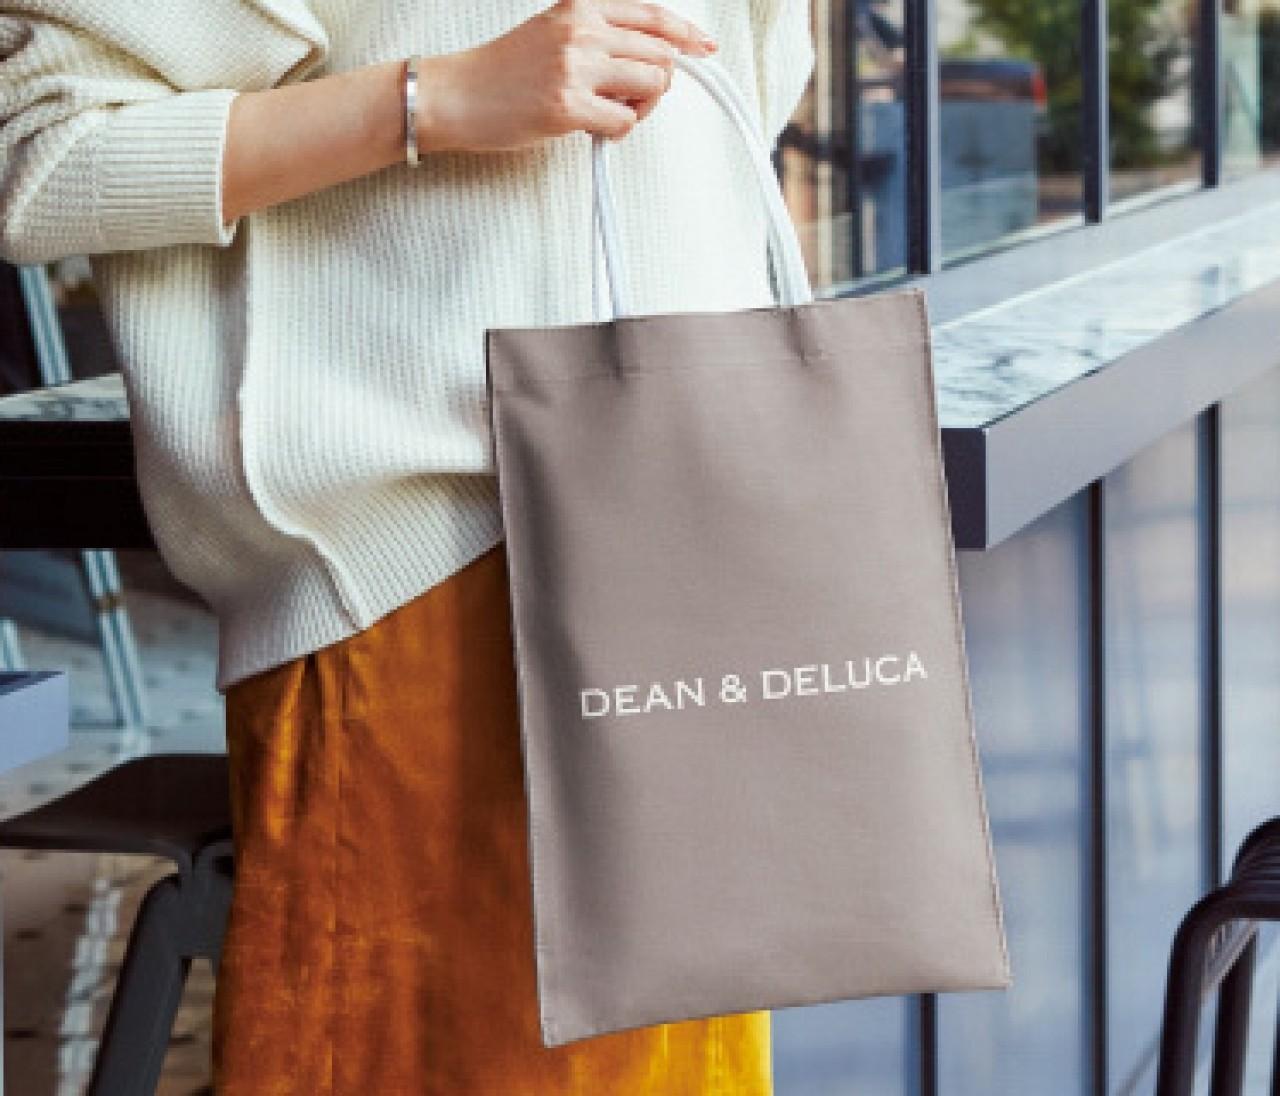 【ネット書店にて予約スタート!】BAILA11月号の特別付録は、ディーン&デルーカ カフェのトートバッグ!